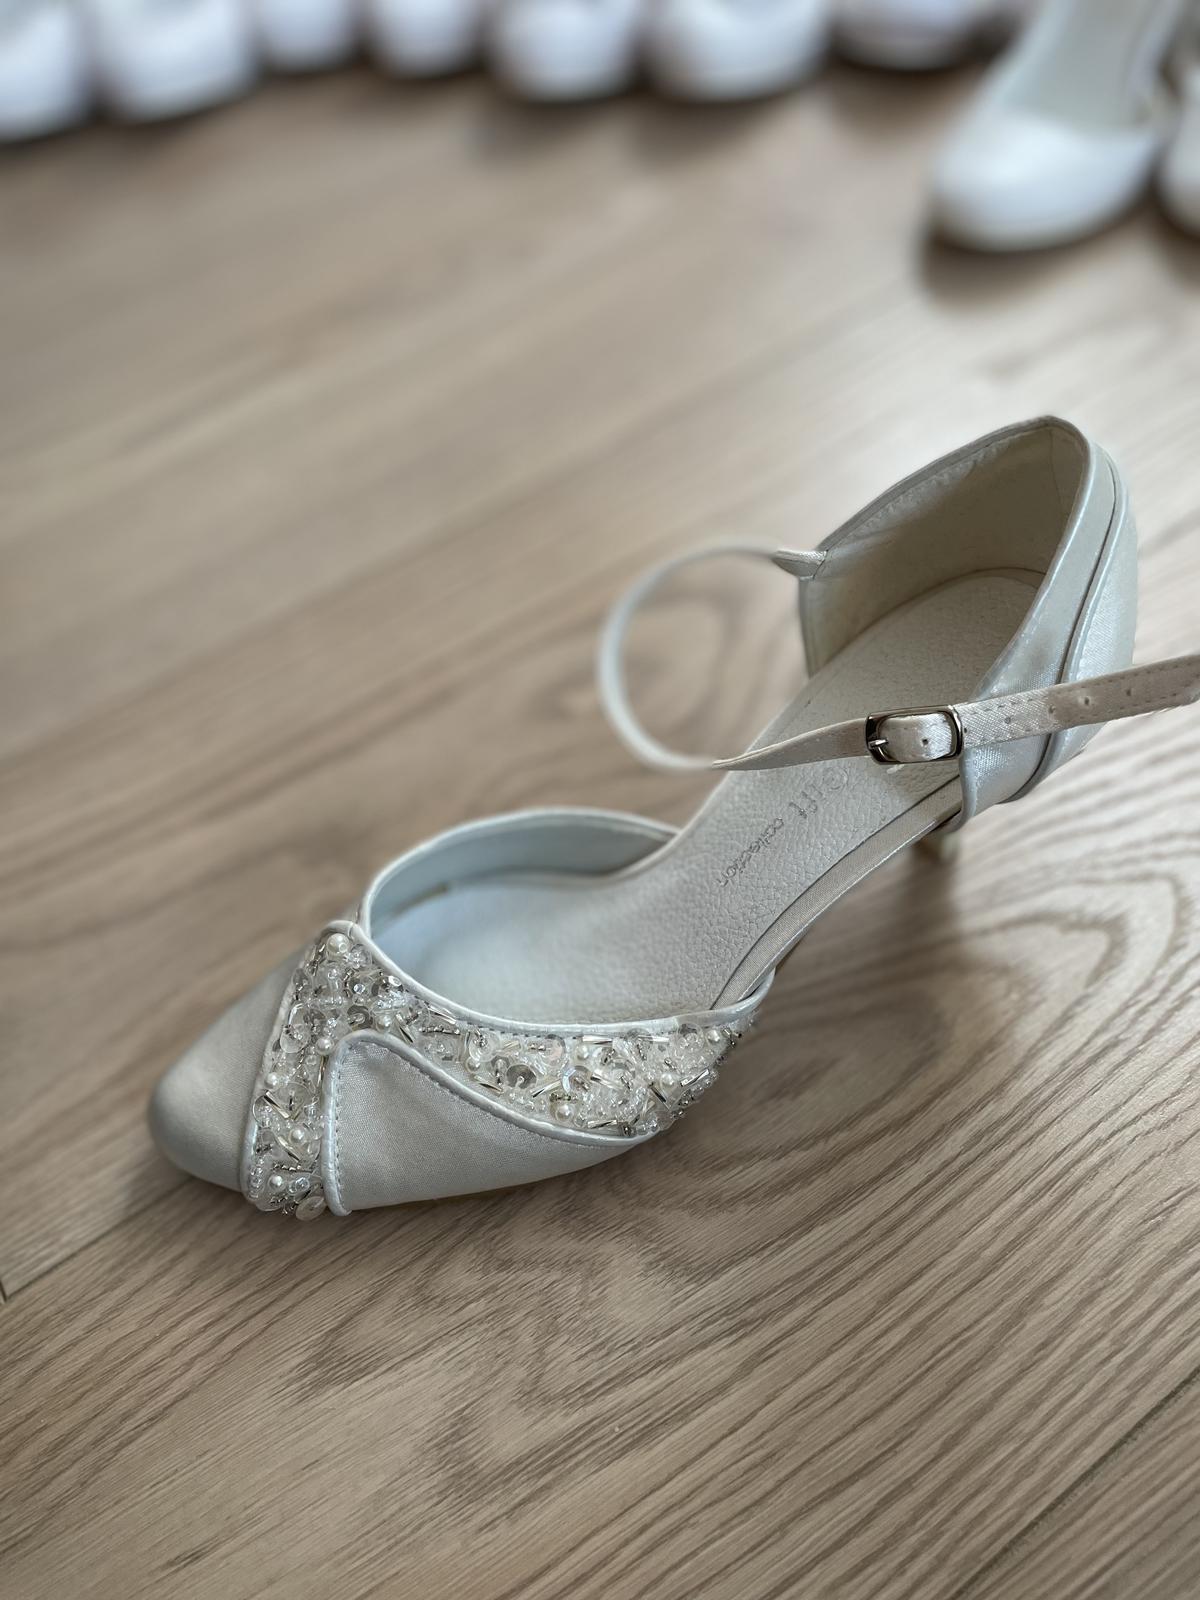 Svadobné topánky ručne zdobené veľ. 35 - Obrázok č. 1